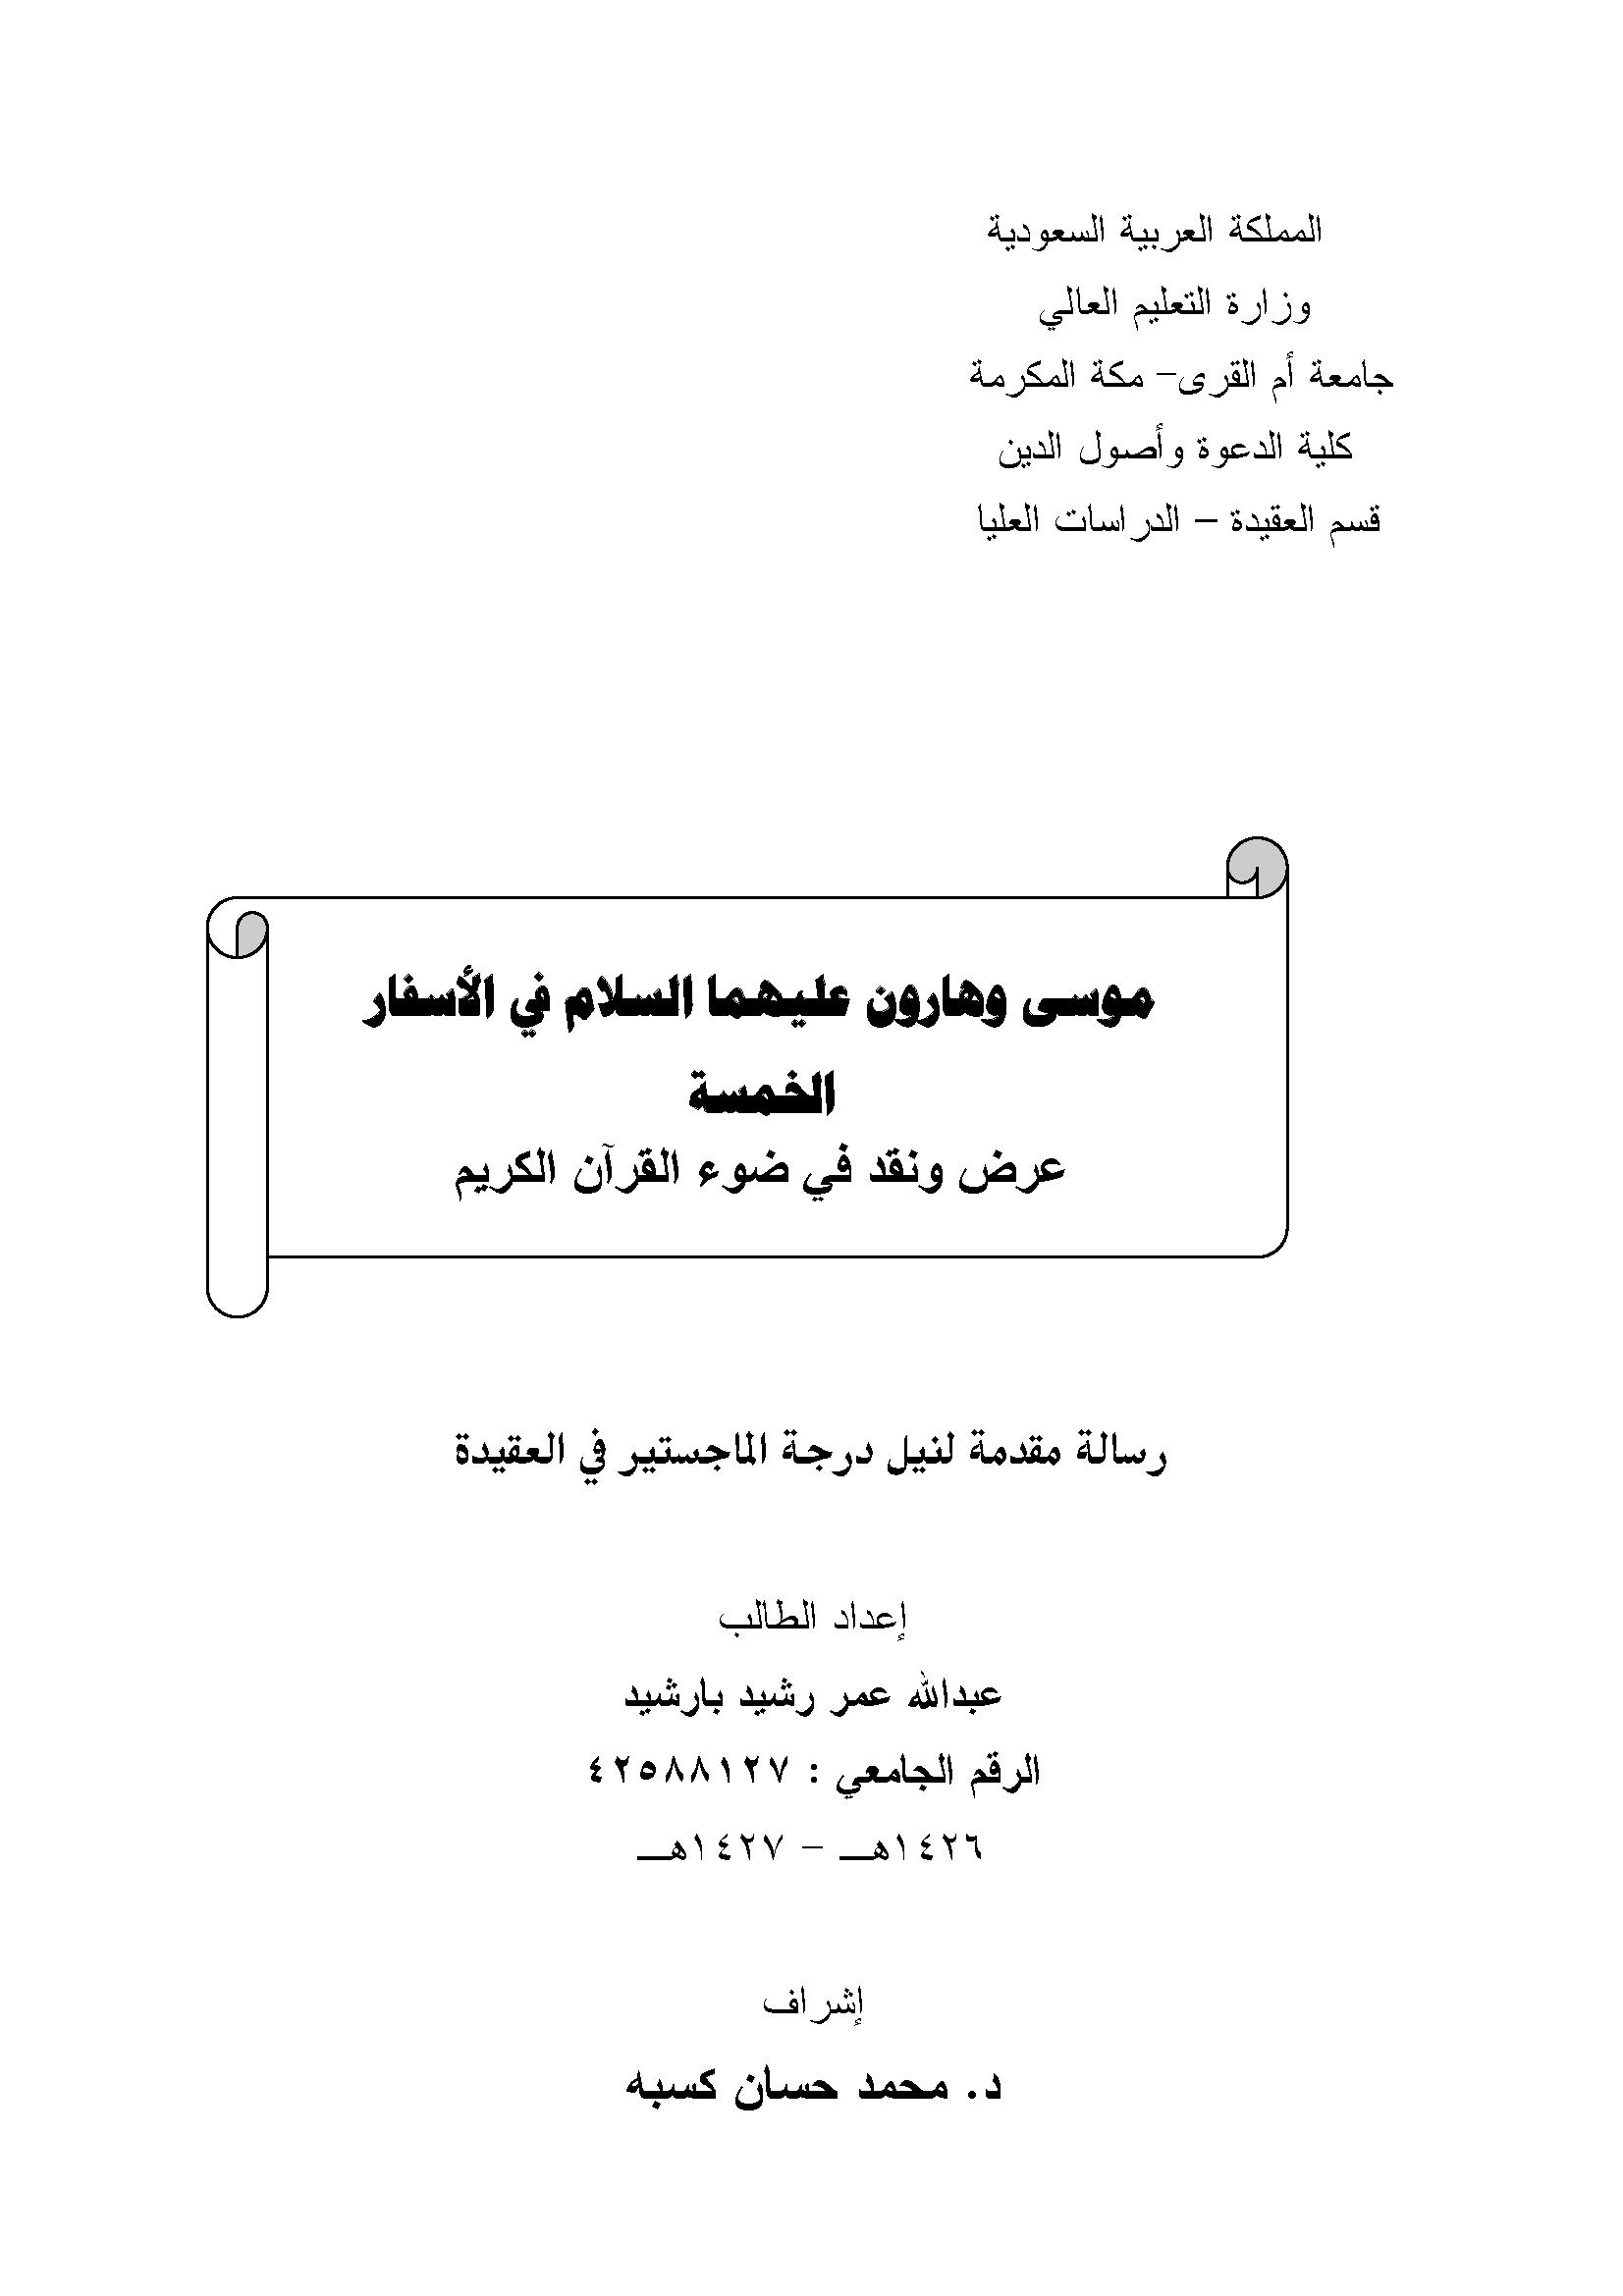 تحميل كتاب موسى وهارون عليهما السلام في الأسفار الخمسة (عرض ونقد في ضوء القرآن الكريم) لـِ: عبد الله عمر رشيد بارشيد